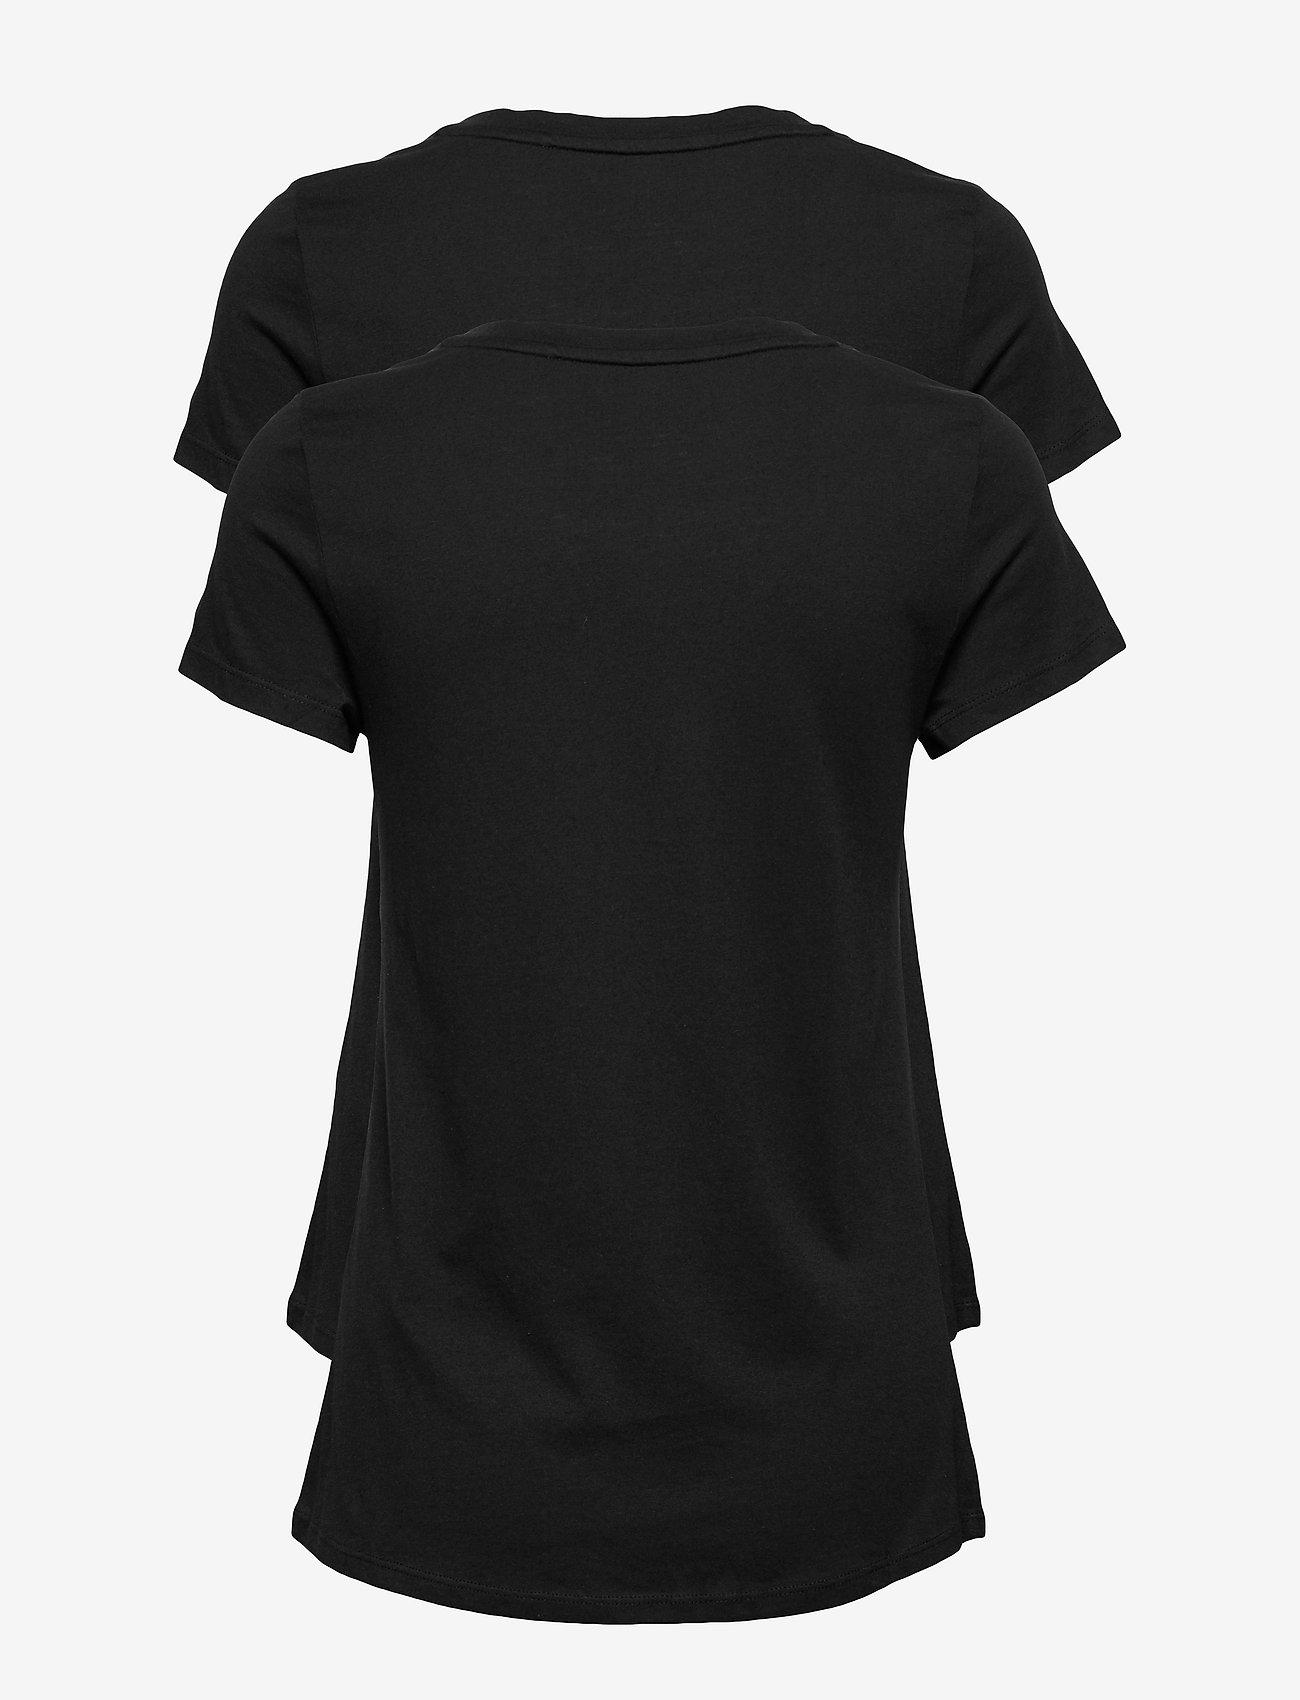 Esprit Casual - Mixed Sets - t-shirt & tops - black - 1